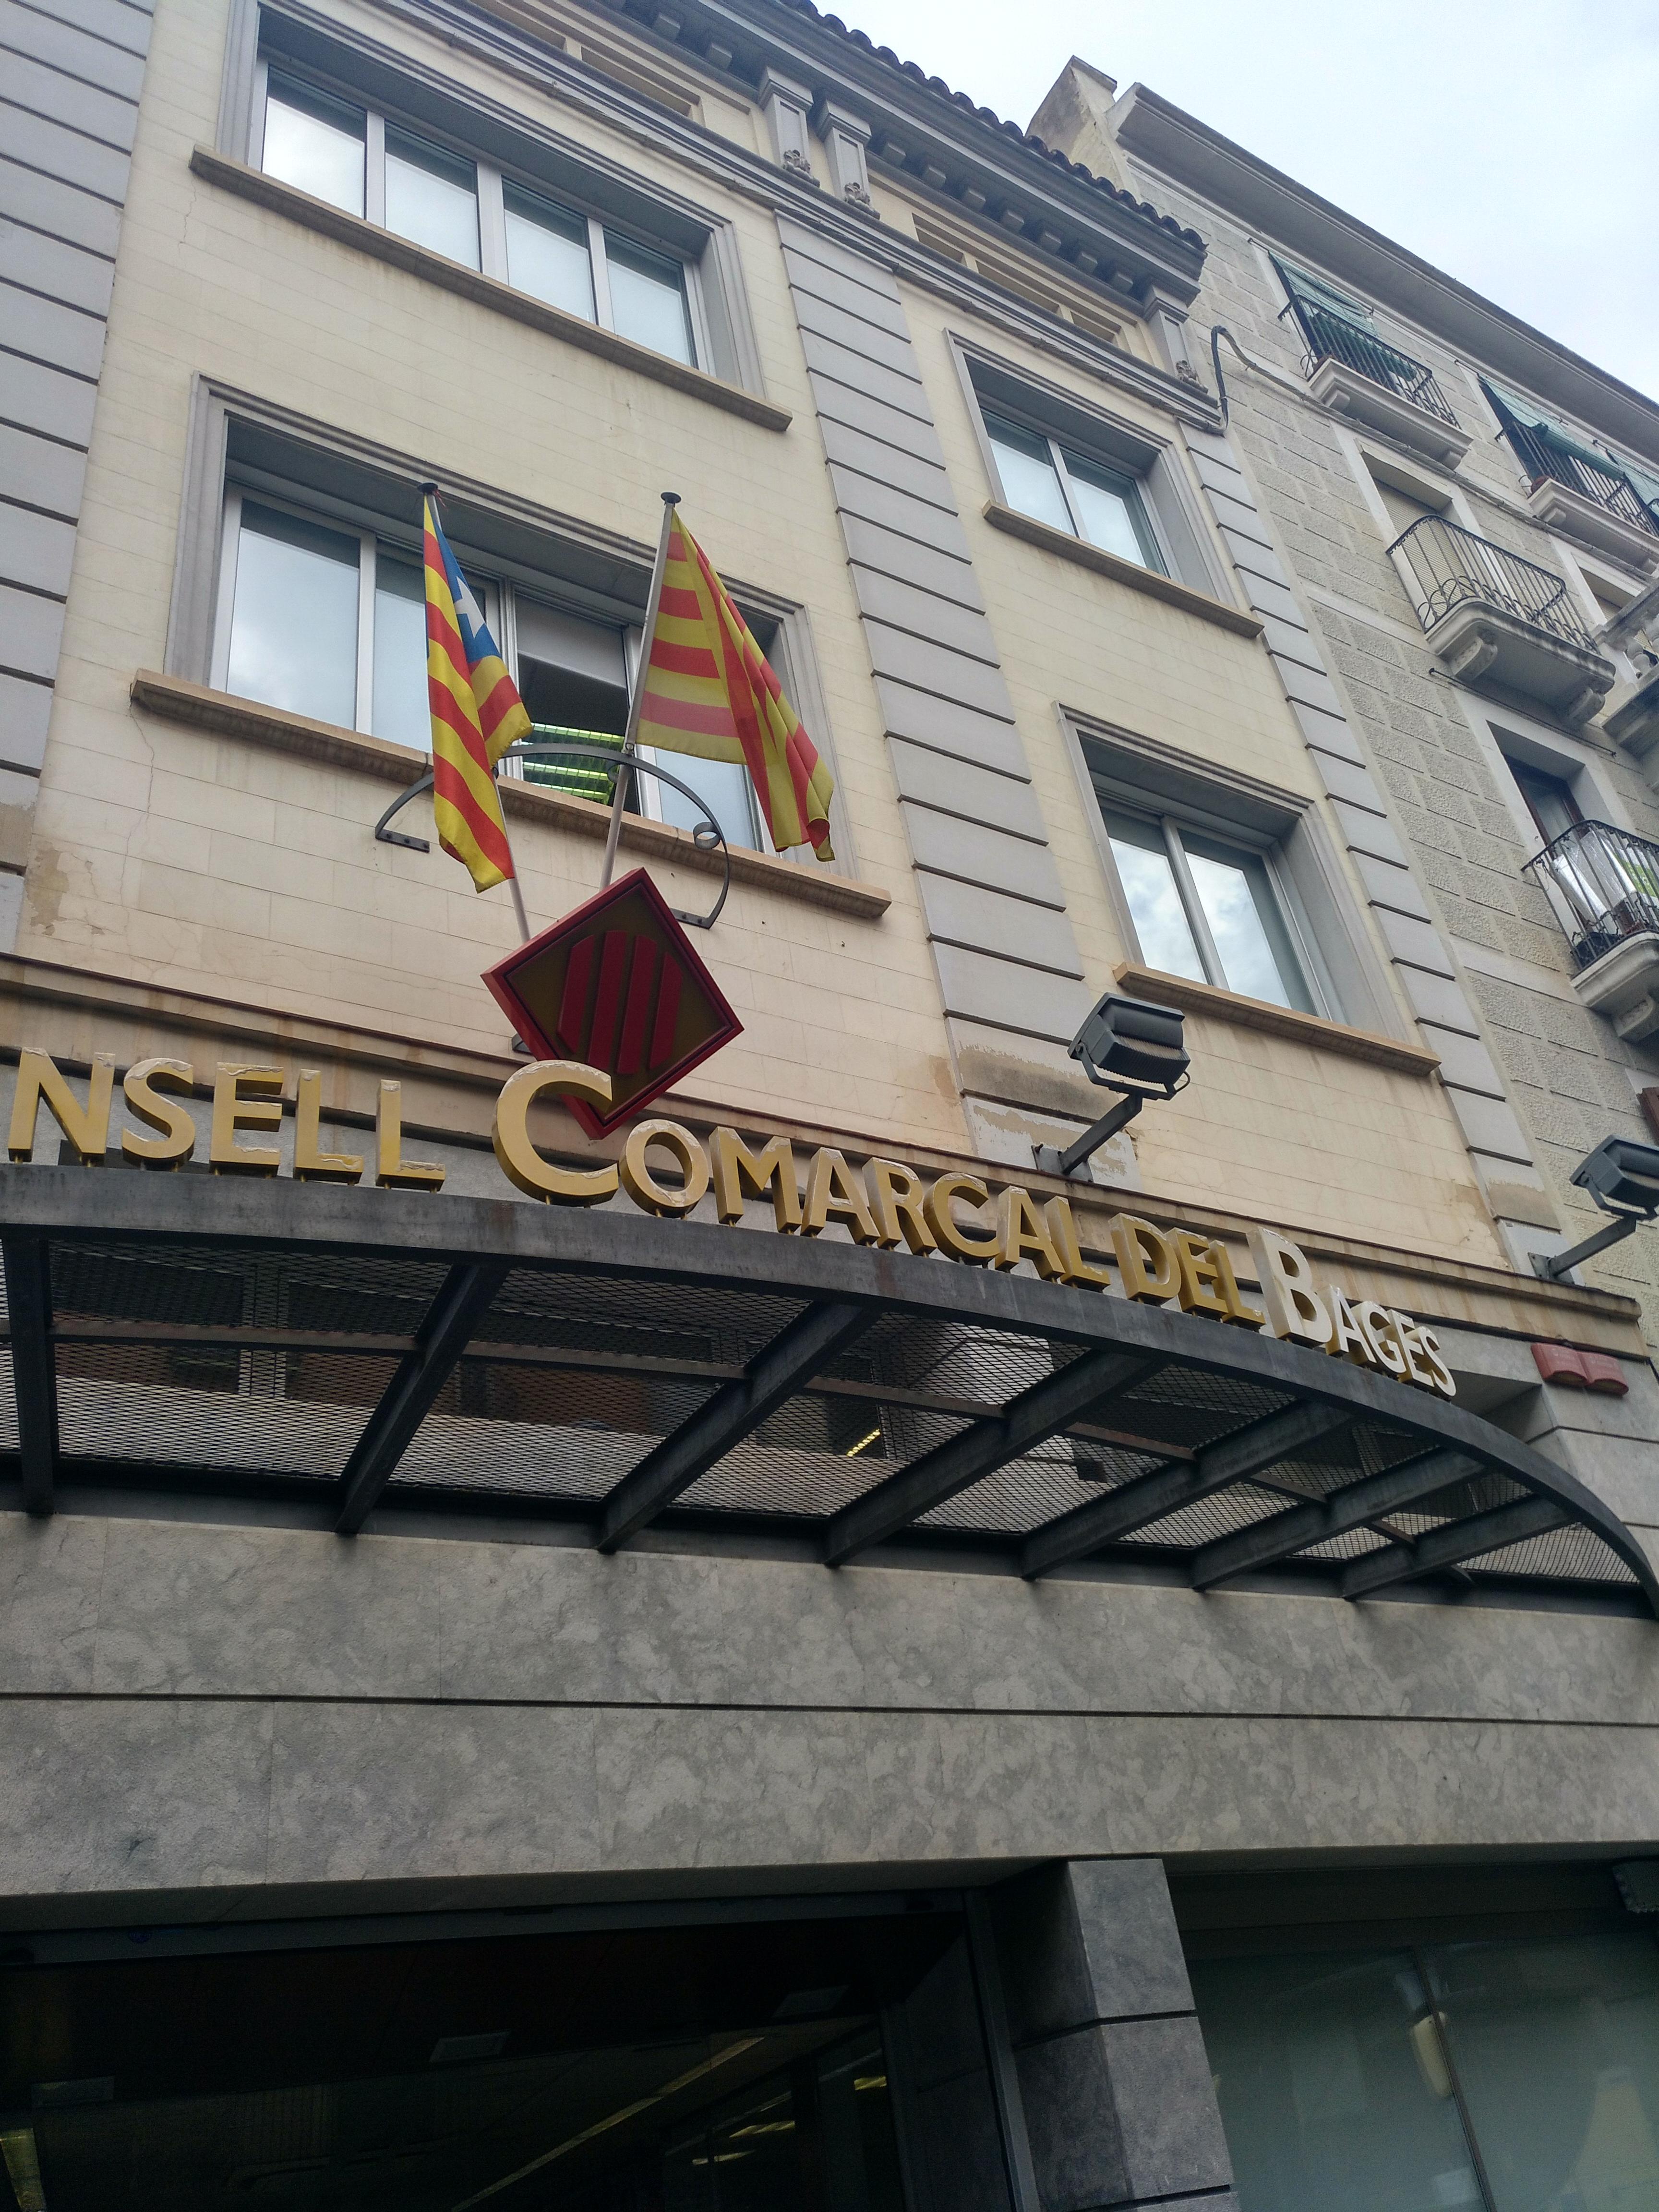 El Consell Comarcal del Bages rebutja la sentència del Tribunal Suprem i demana la llibertat immediata de tots els presos